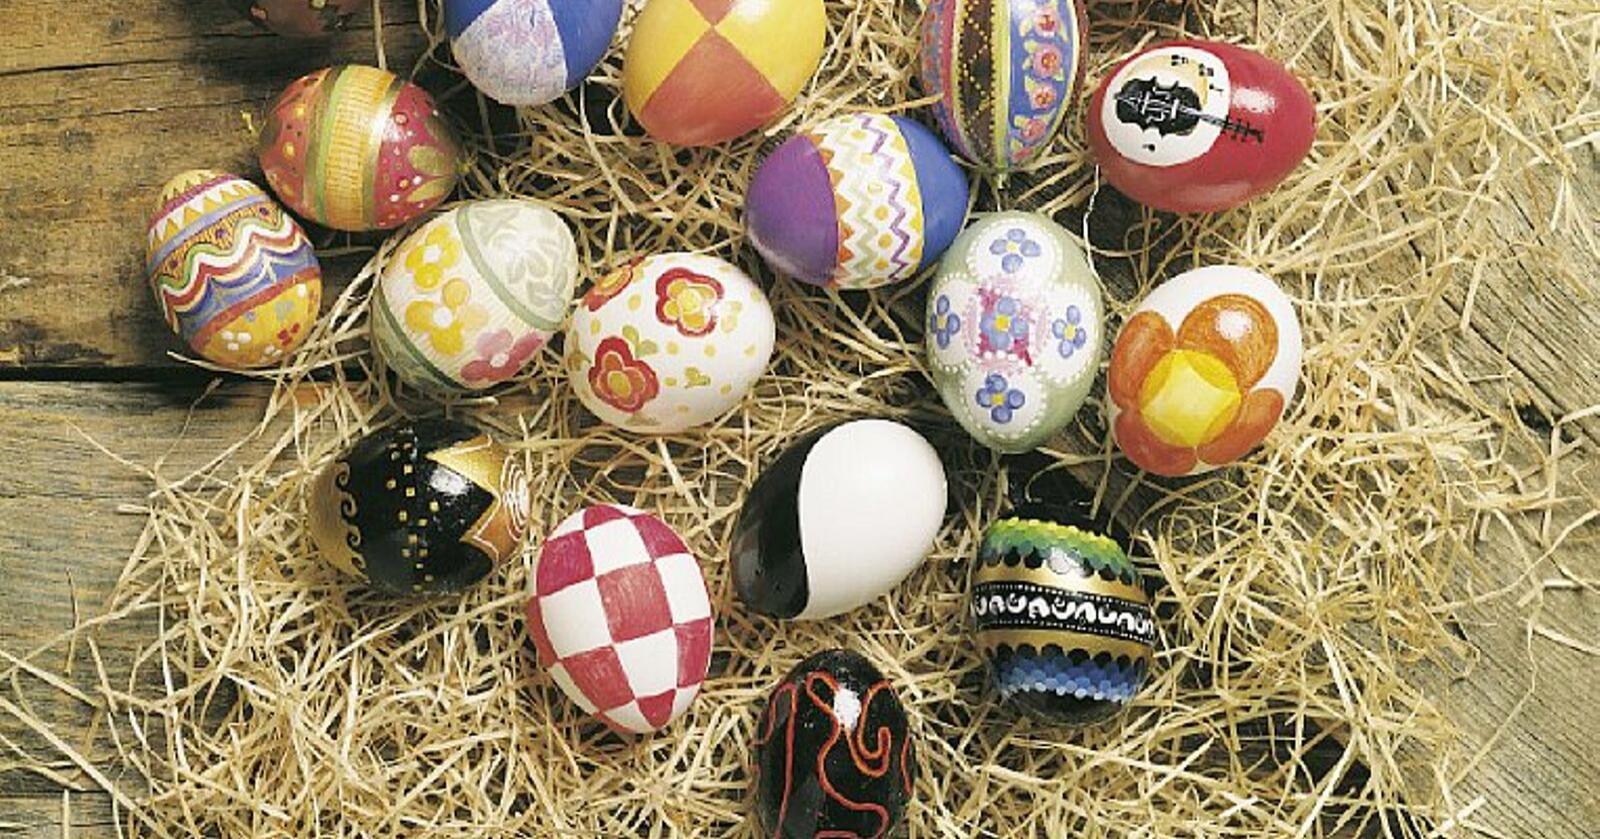 Årets påske blir spesiell på mange måter, men Nortura garanterer at det i hvert fall ikke skal stå på egg-leveransen i høytiden. Foto: Alf Börjesson